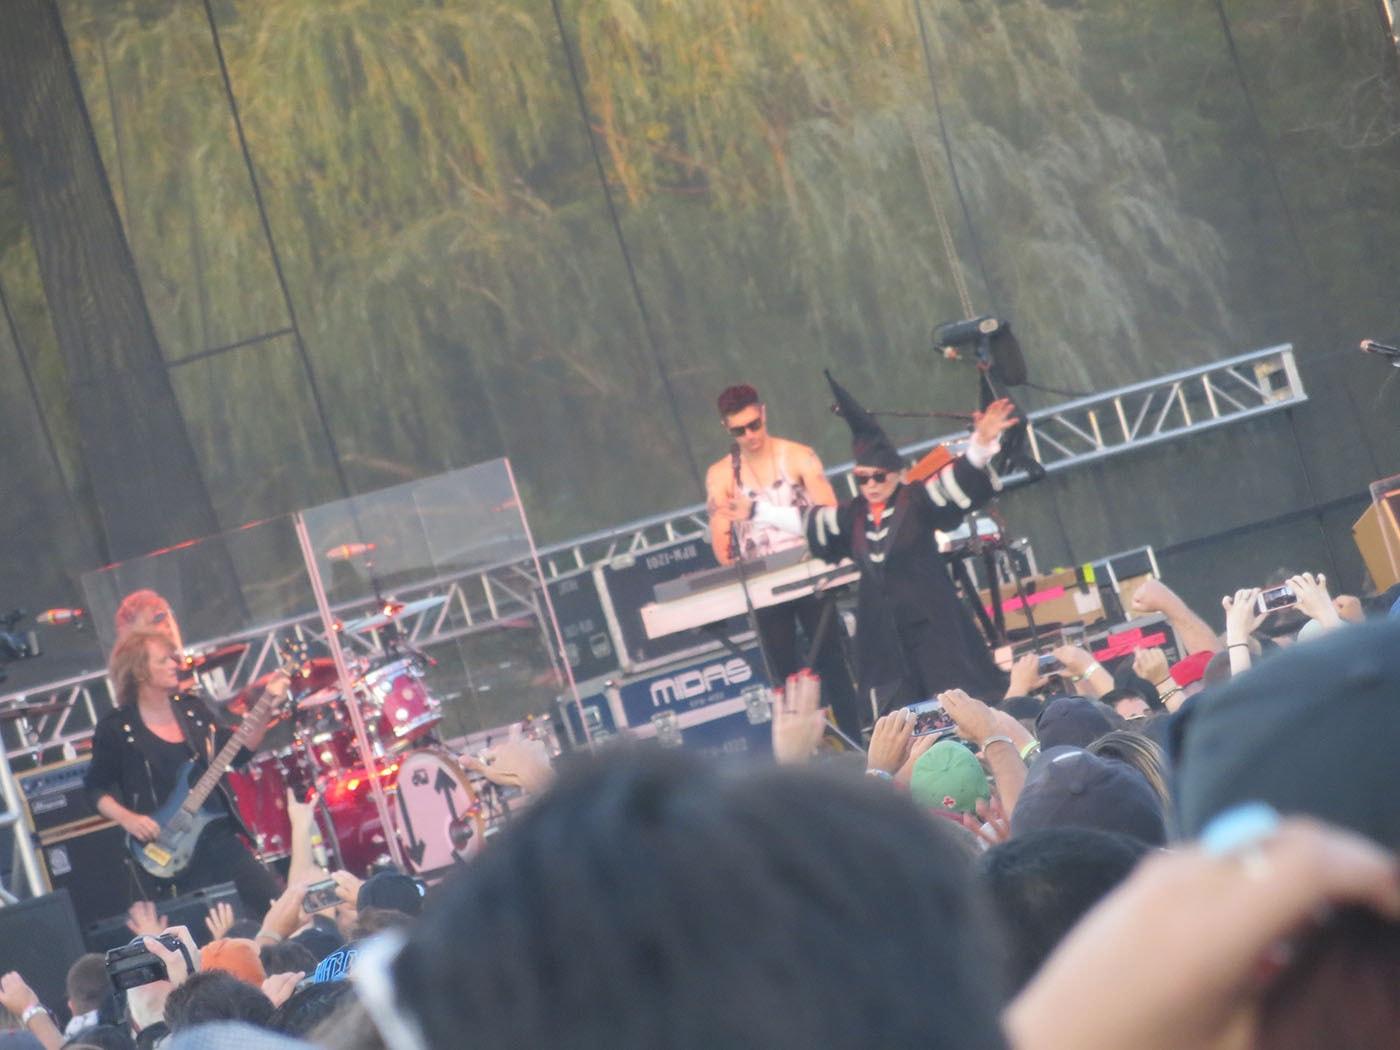 Blondie at Riot Fest Chicago 2013